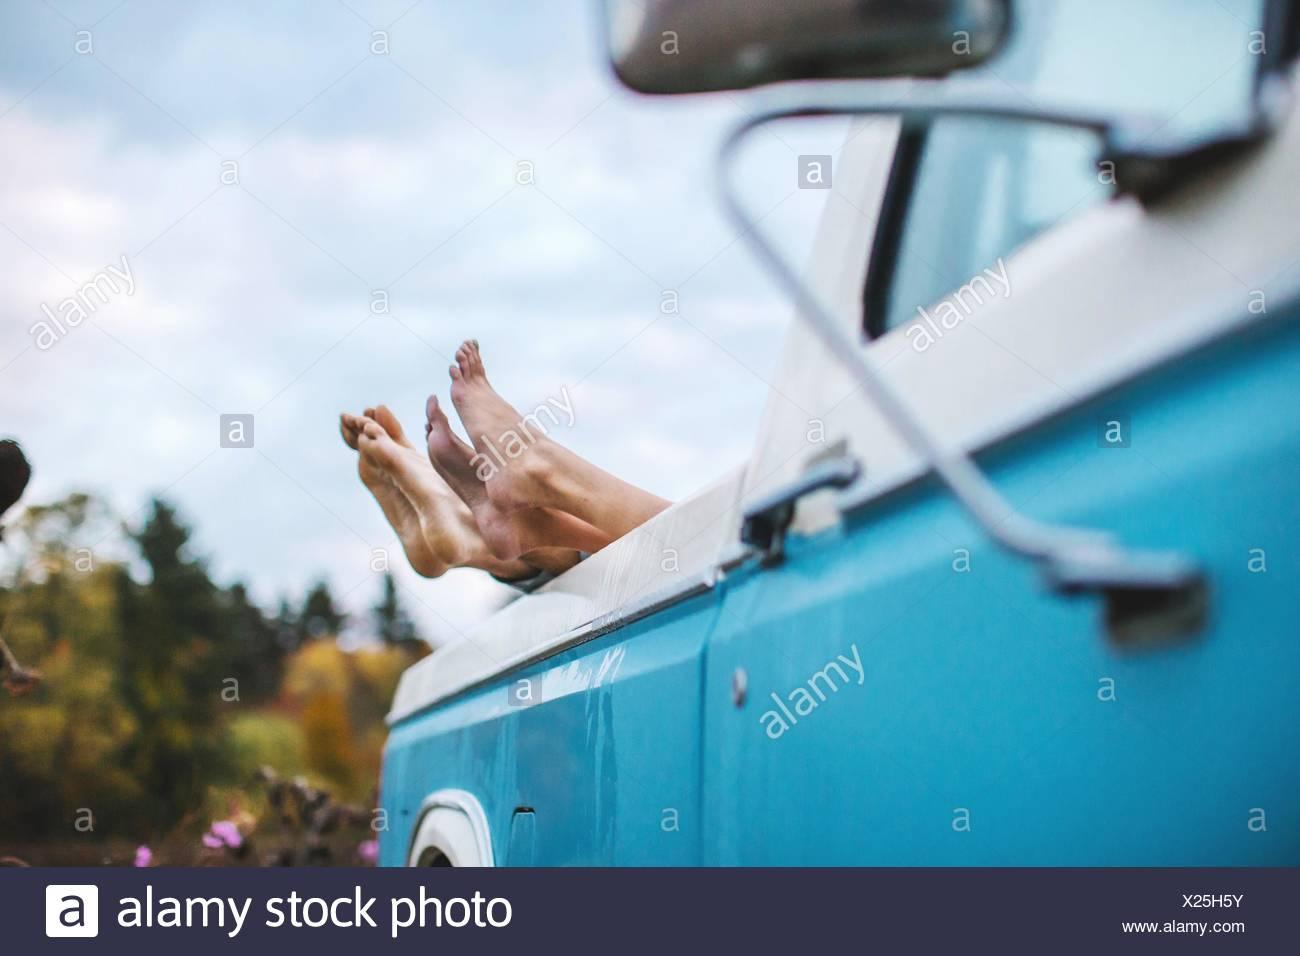 Junges Paar liegen hinter LKW, barfuß am Rand des LKW, konzentrieren sich auf Füße Stockfoto